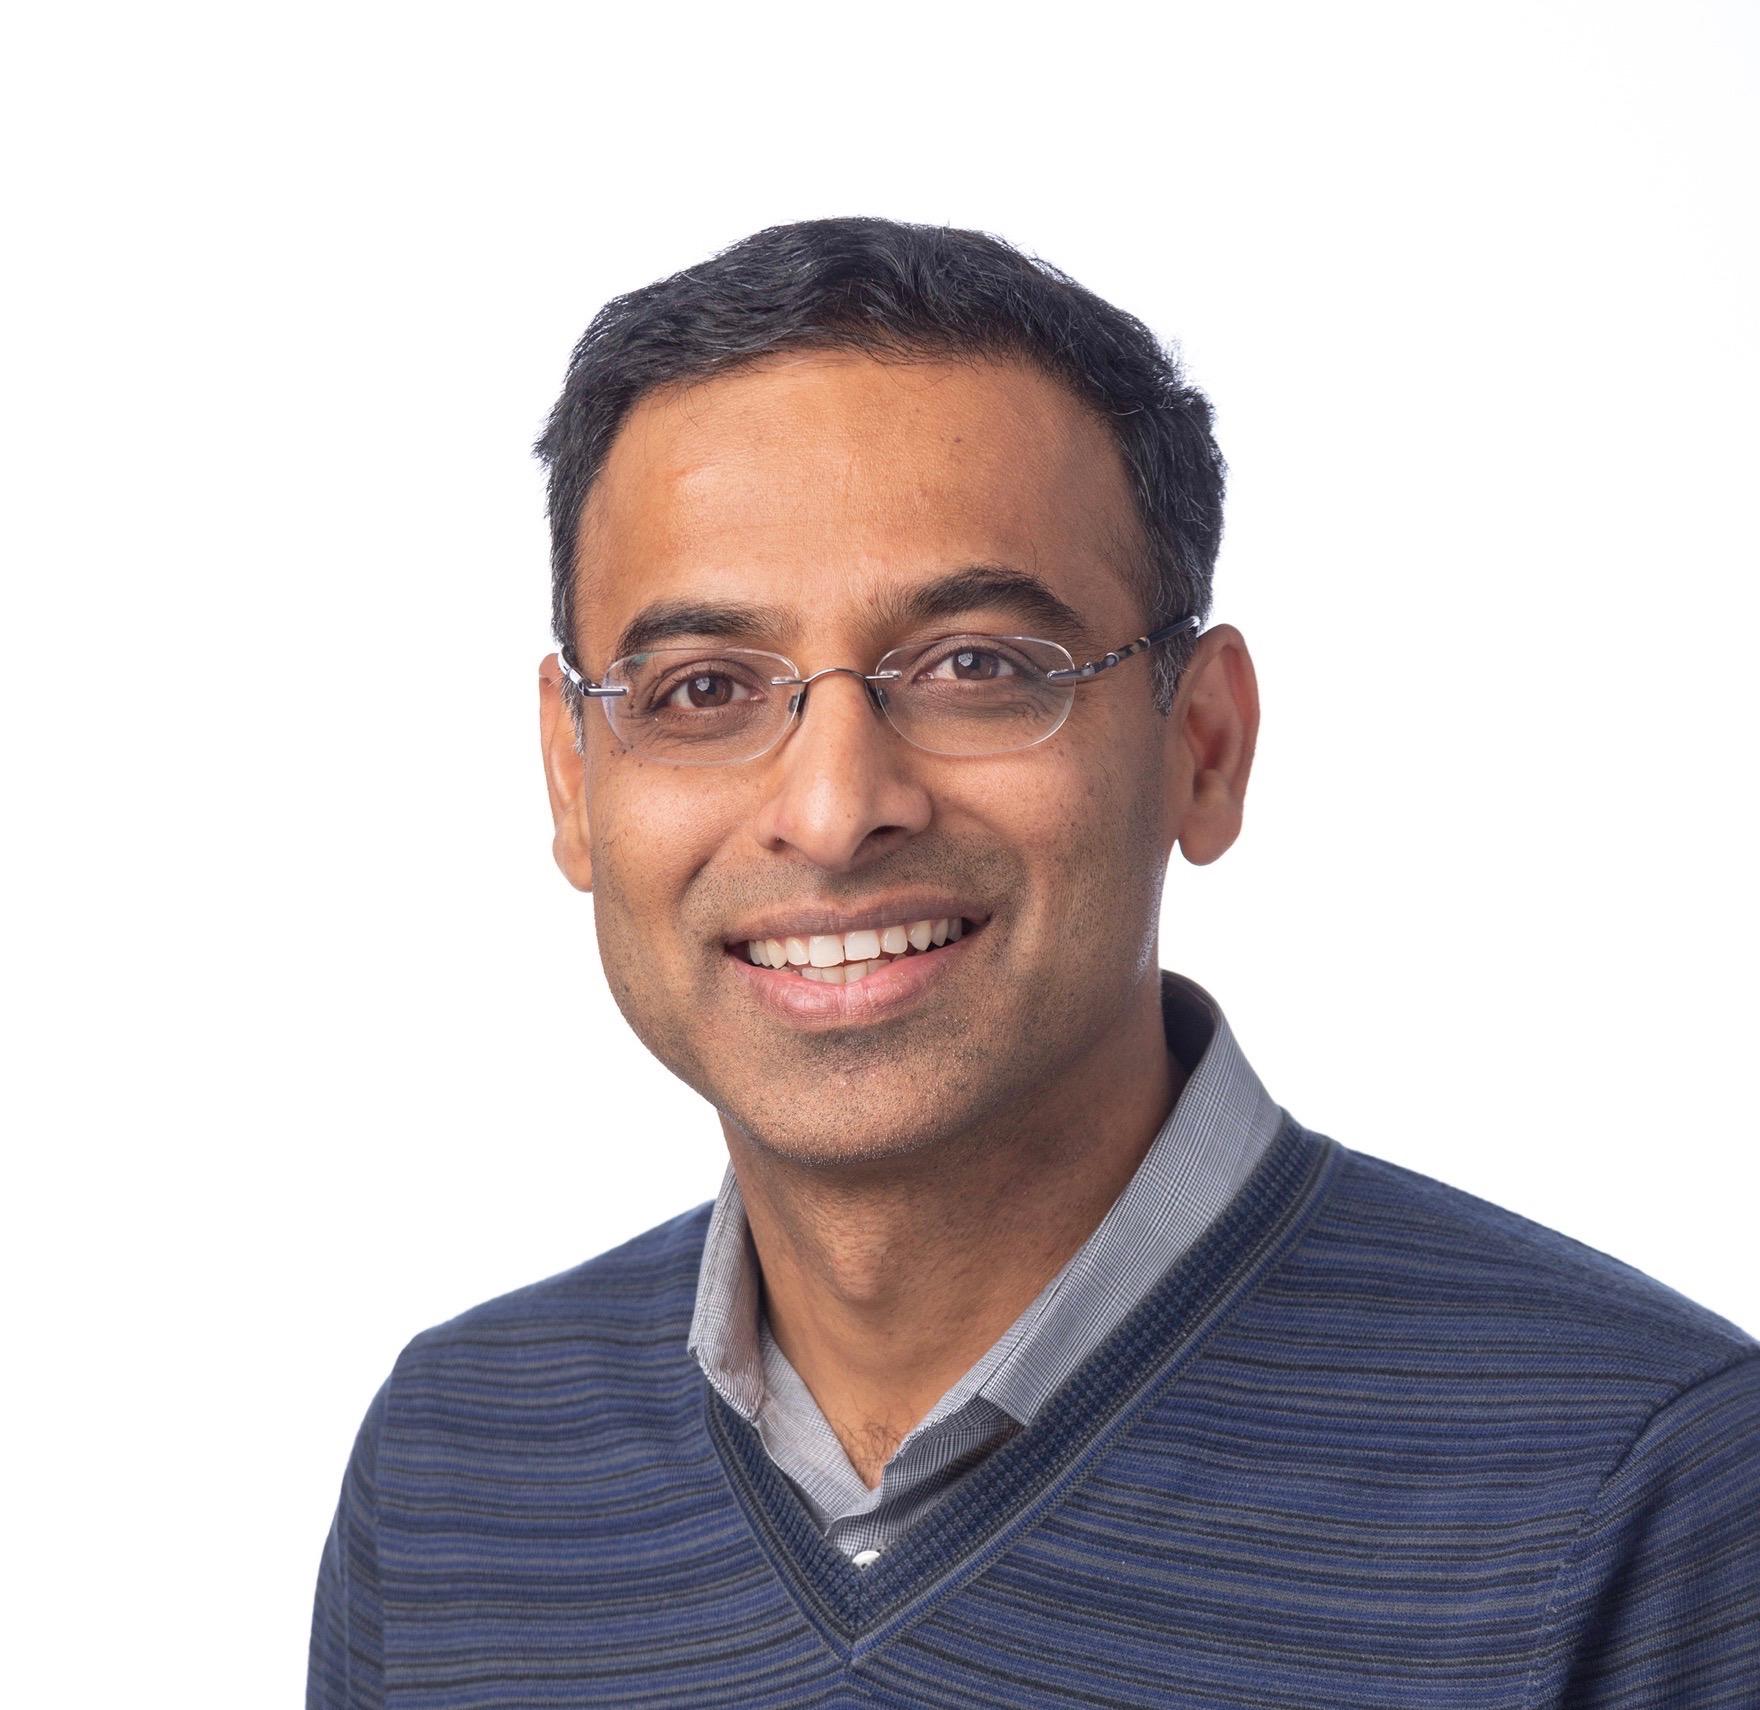 Med Prisma Access 2.0 erbjuder Palo Alto Networks en molnbaserad säkerhetslösning anpassad för distansarbete